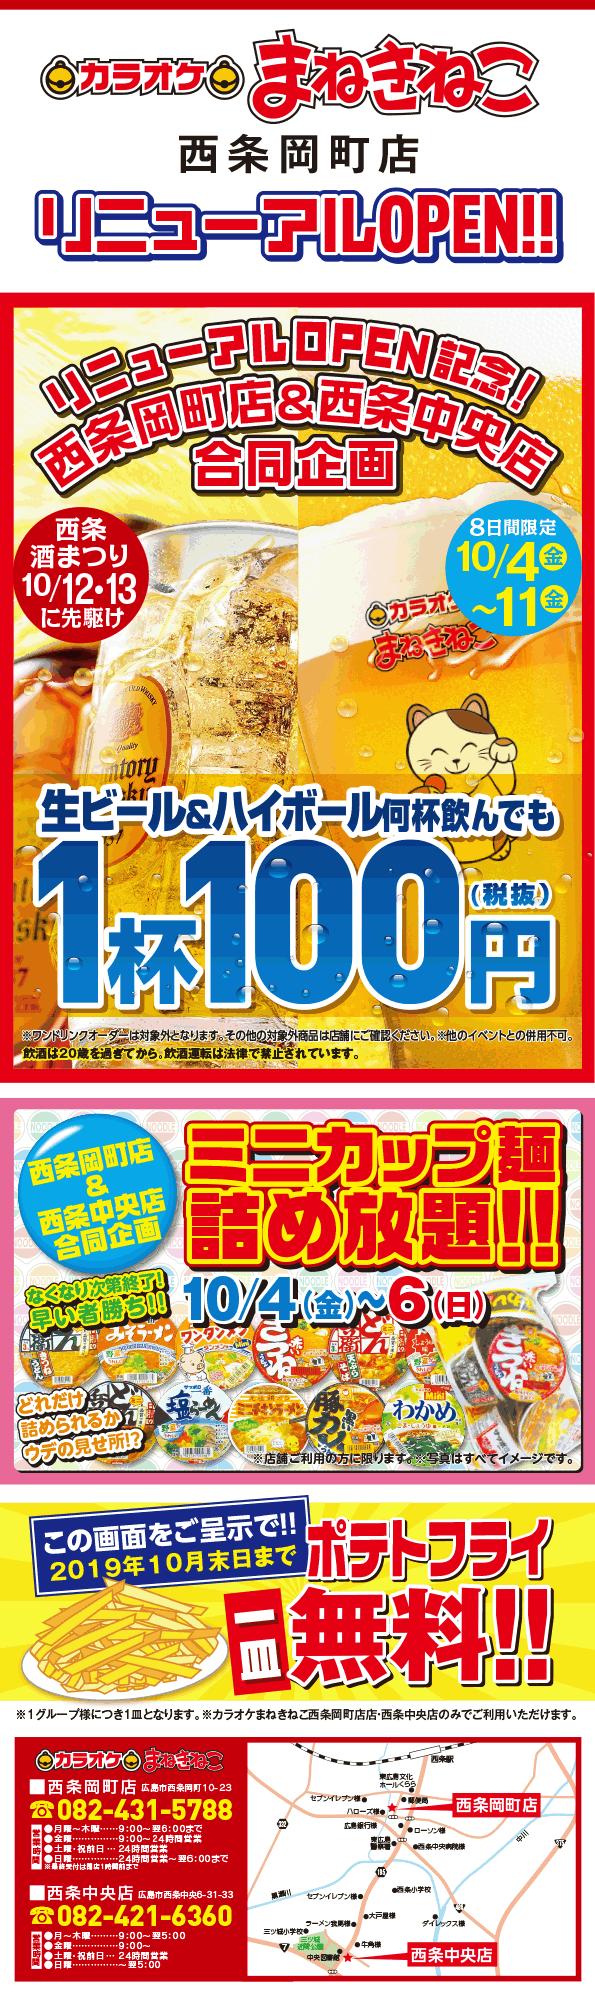 カラオケまねきねこの西条岡町店★10/4 リニューアルオープン♪のキャンペーン・フェアの詳細